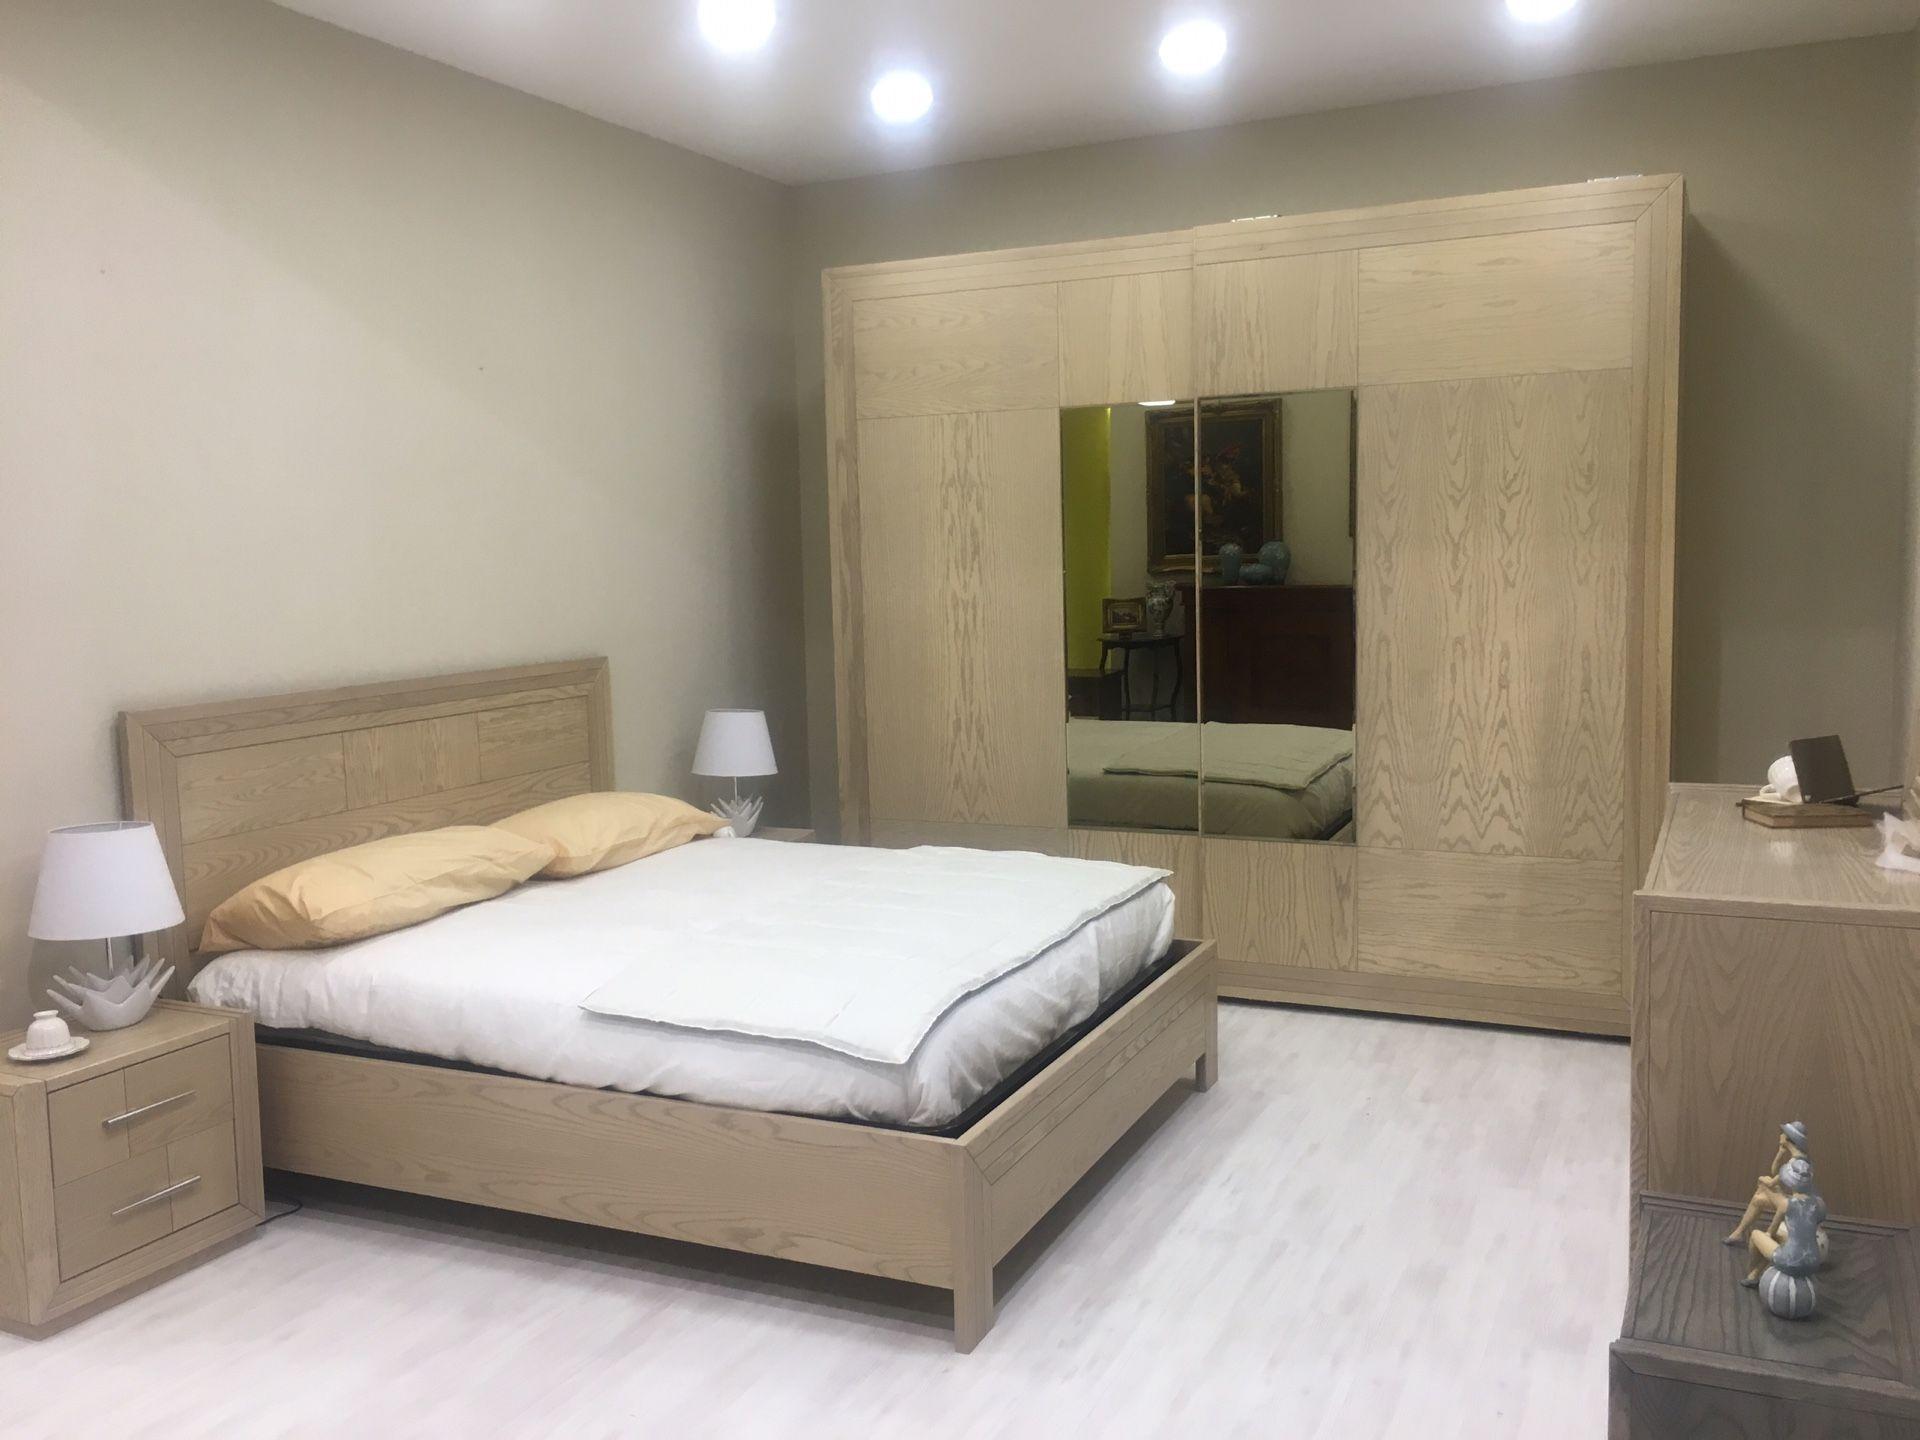 🔥 SALDI -70% Camera da letto completa, con letto ...